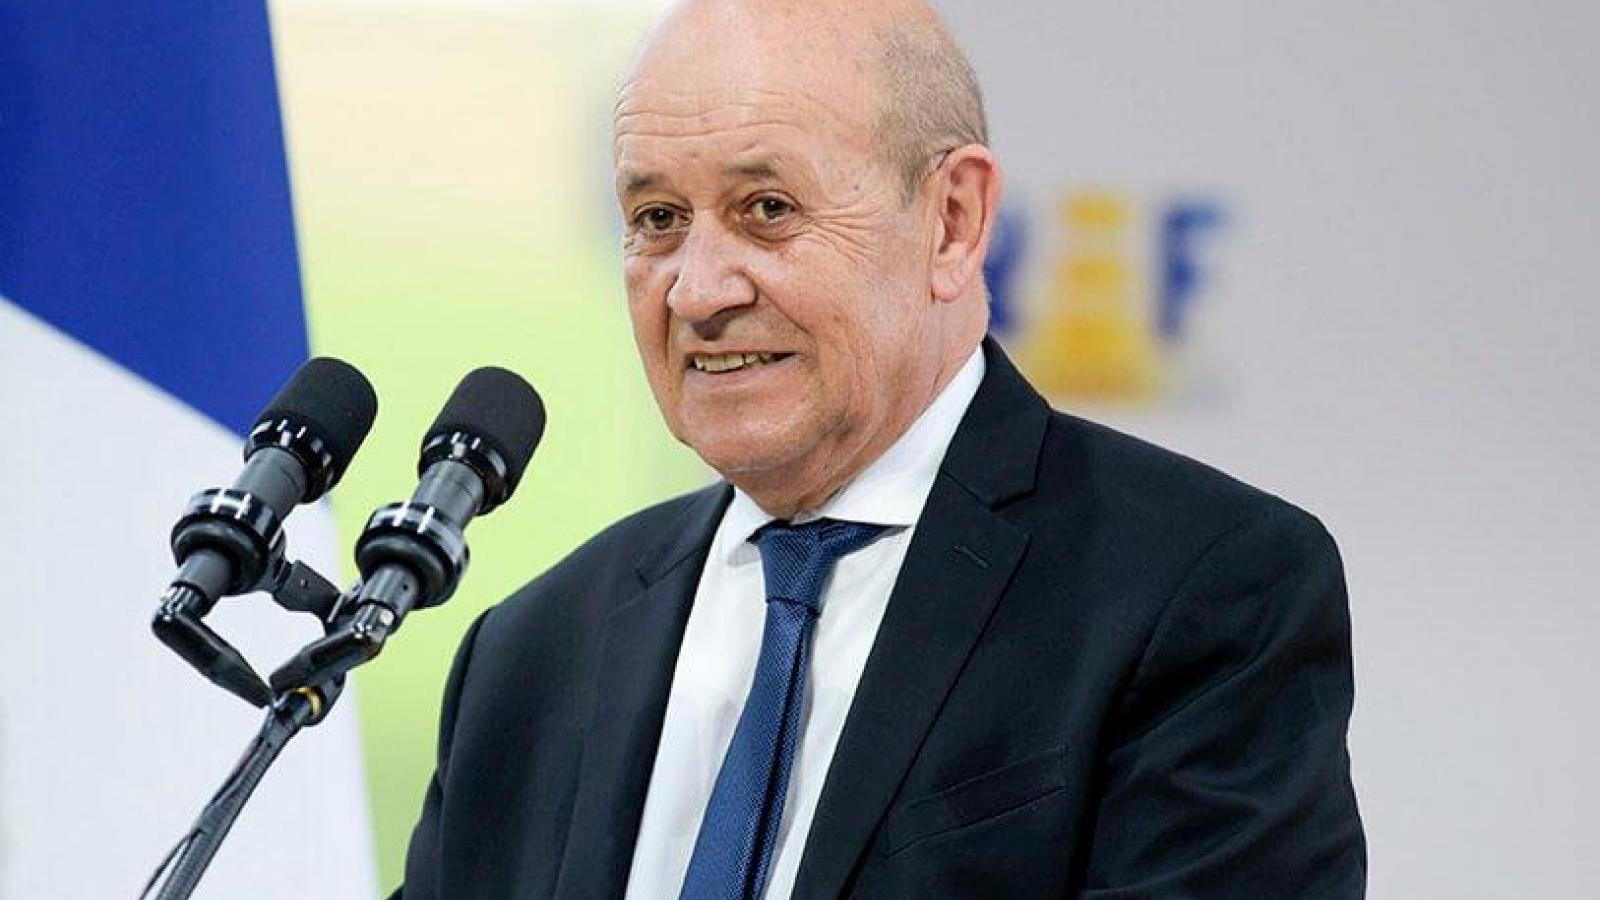 Ngoại trưởng Pháp thăm Ấn Độ, công bố tham gia Sáng kiến Ấn Độ Dương – Thái Bình Dương